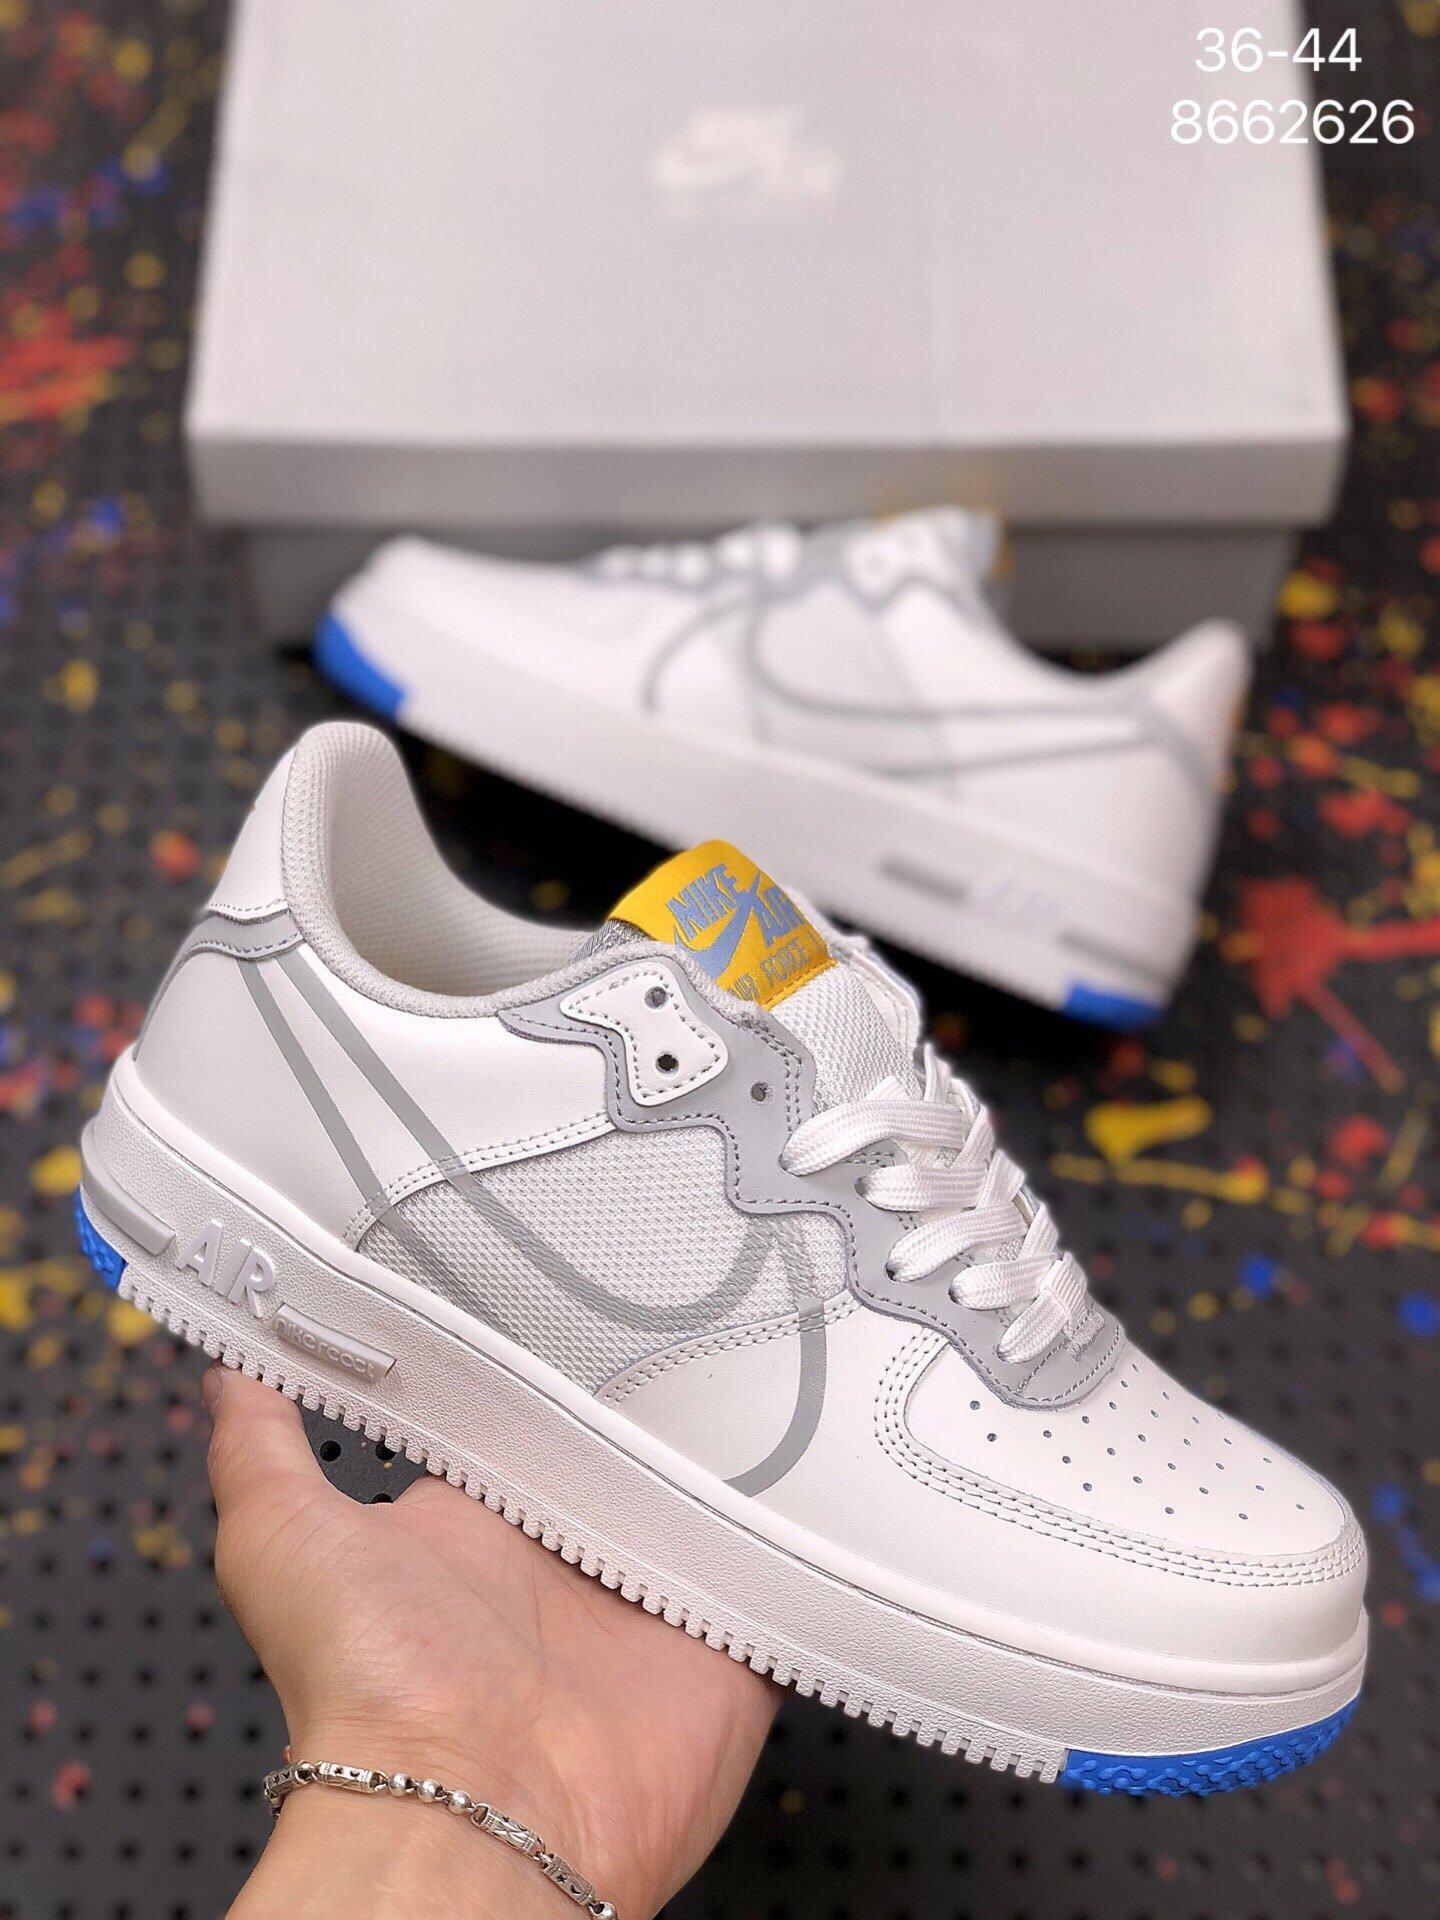 2518空军一号新款低帮系带小白鞋透气男女鞋板鞋 莆田鞋